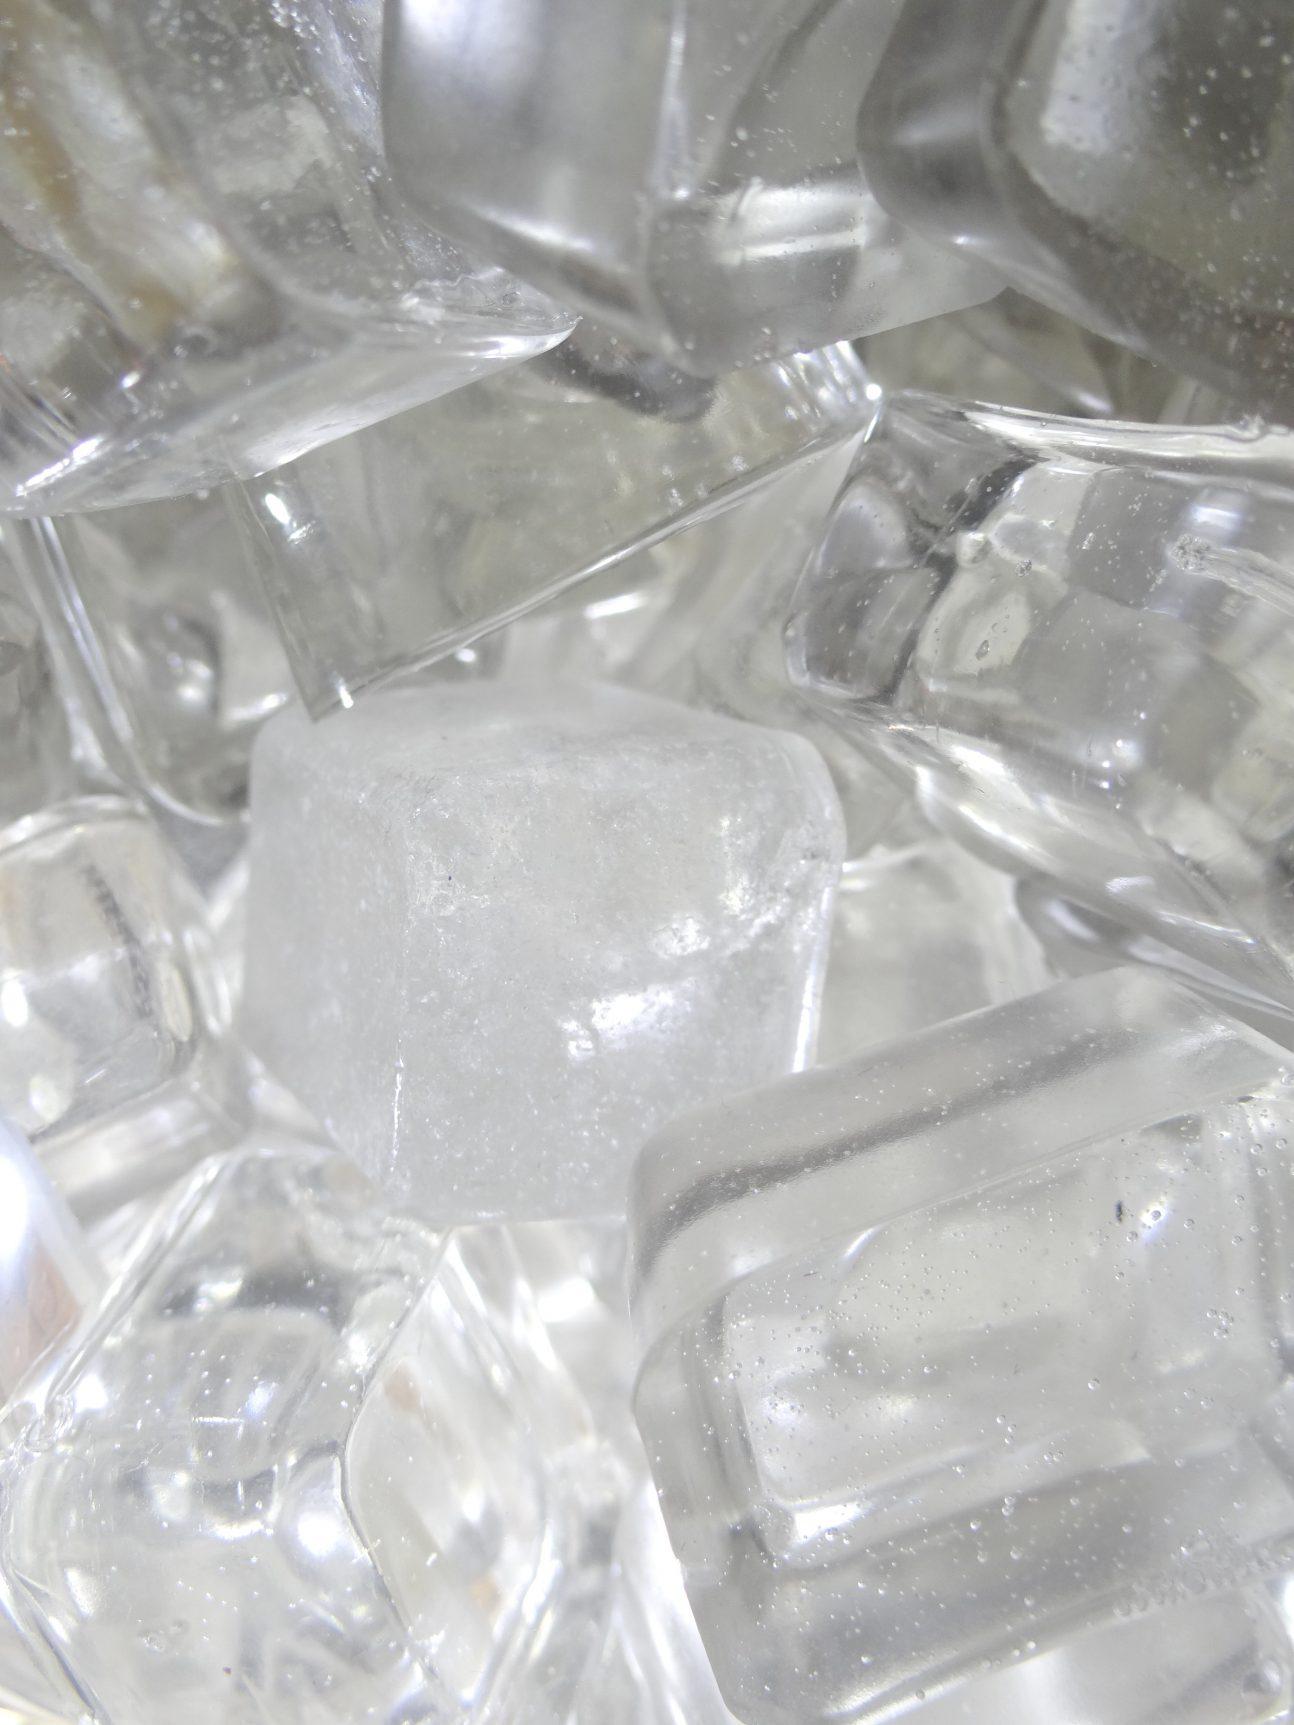 glaçons factices fabriqués en résine semi-rigide par l'atelier cobalt fx